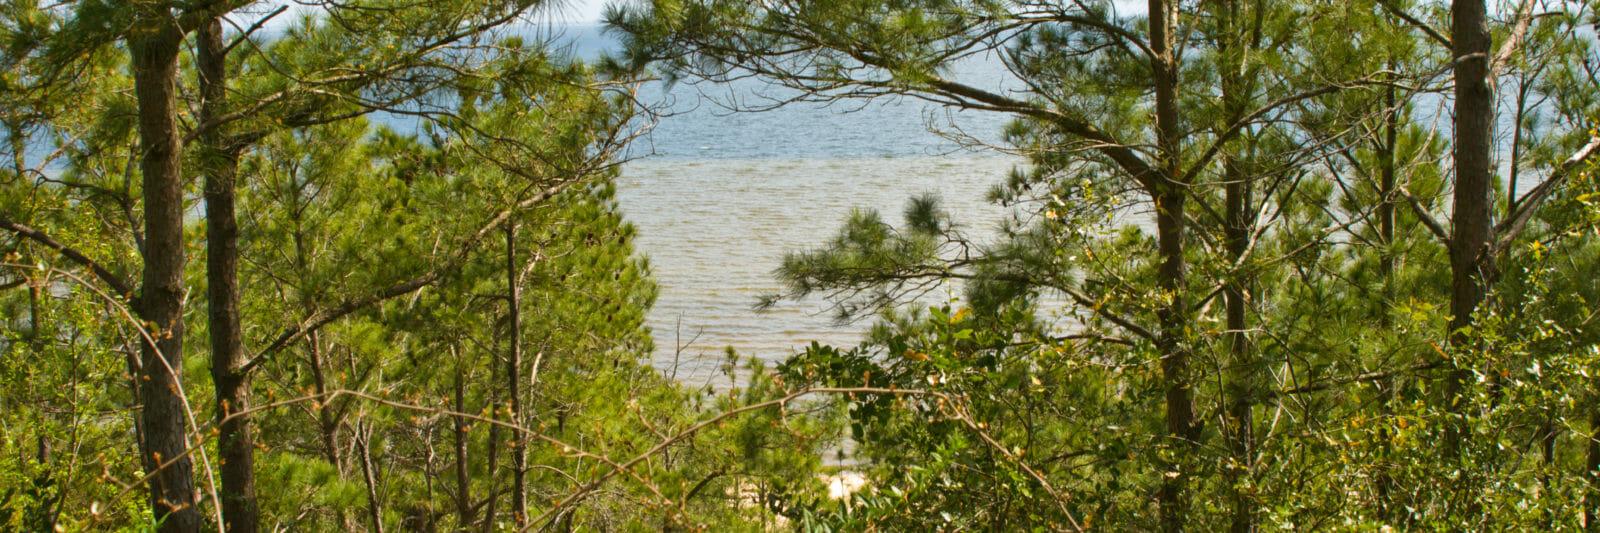 Pensacola Bay Bluffs view